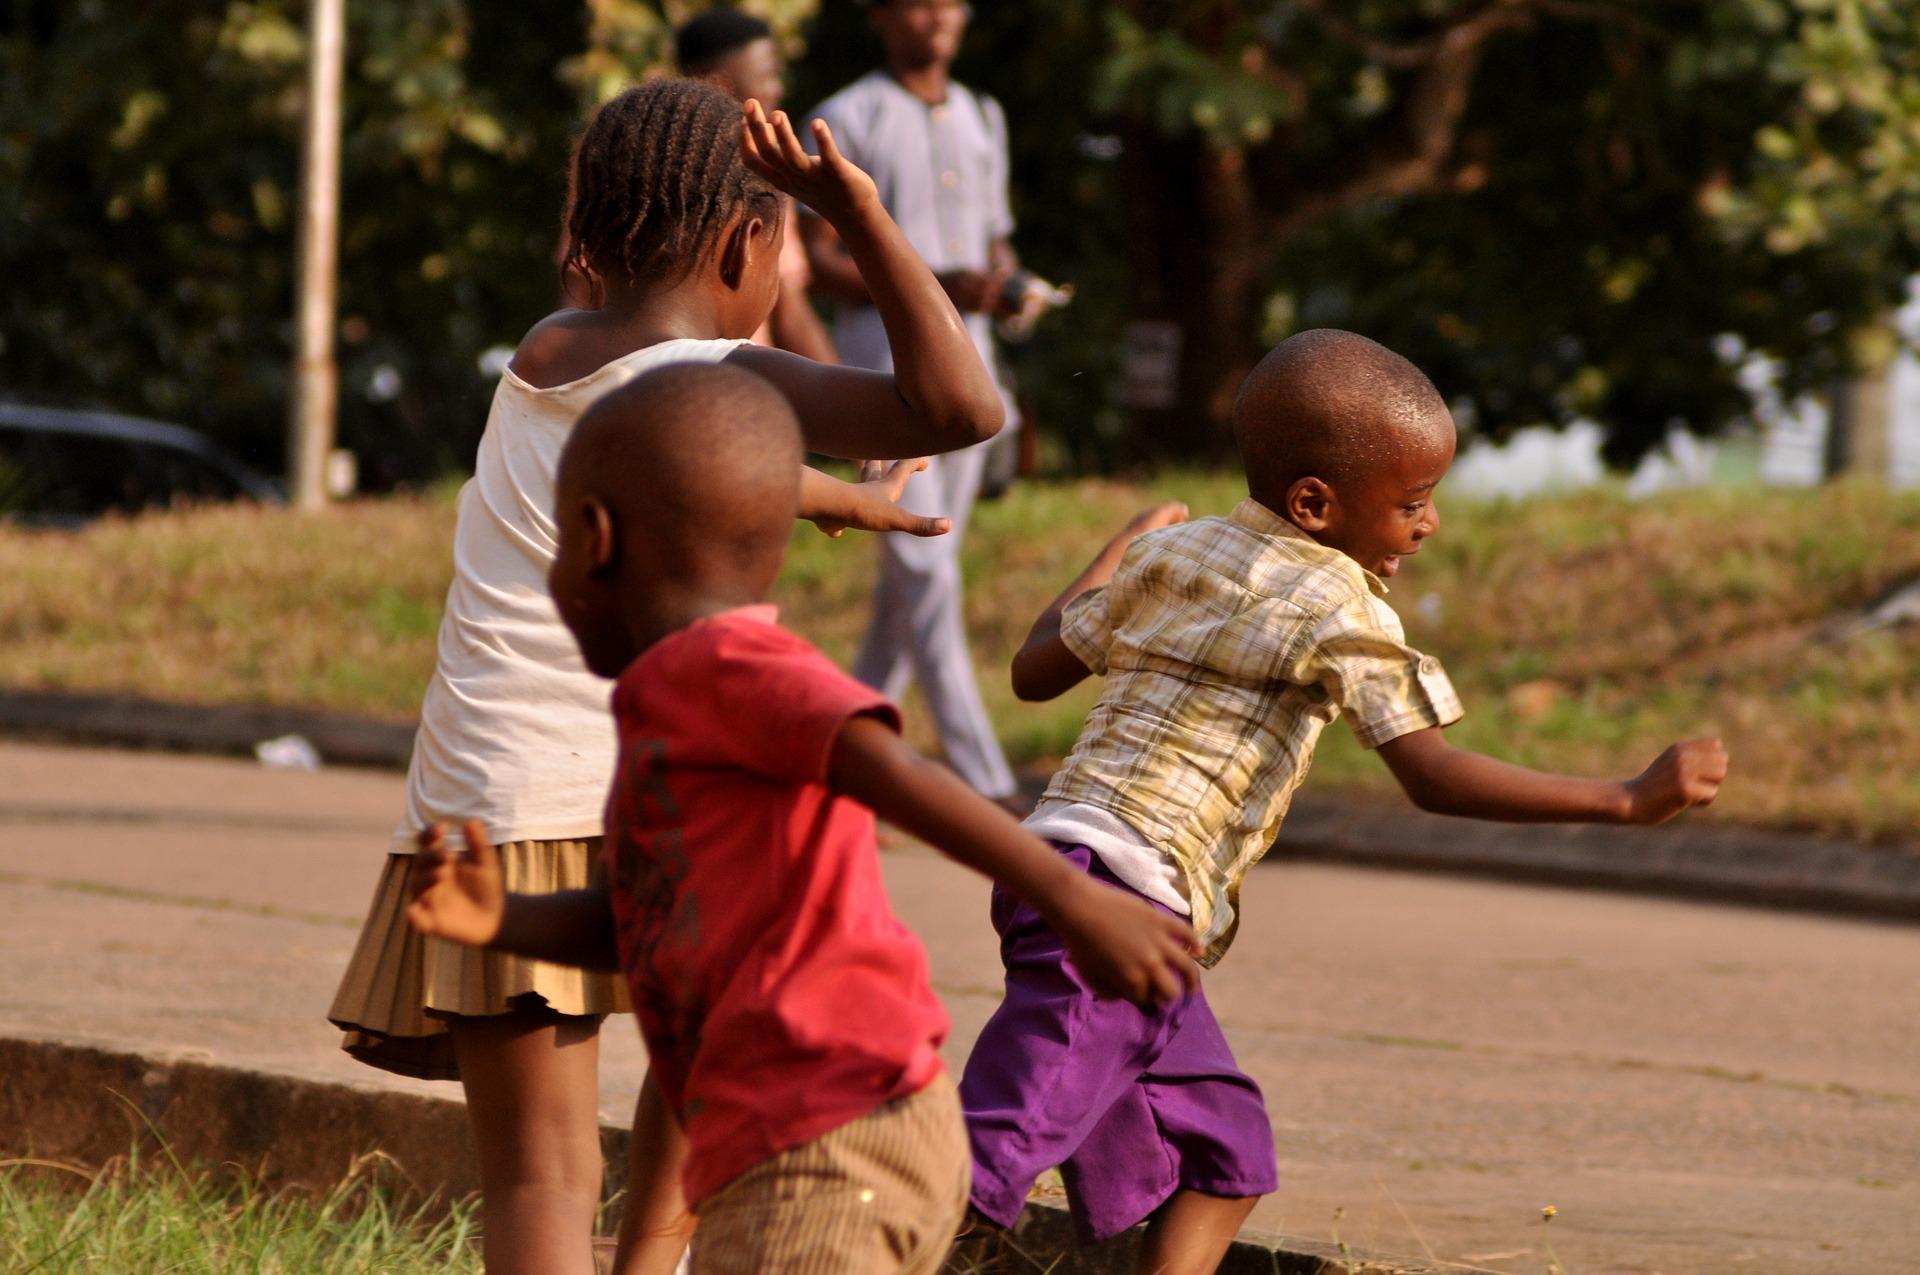 Worms in Nigerian Children